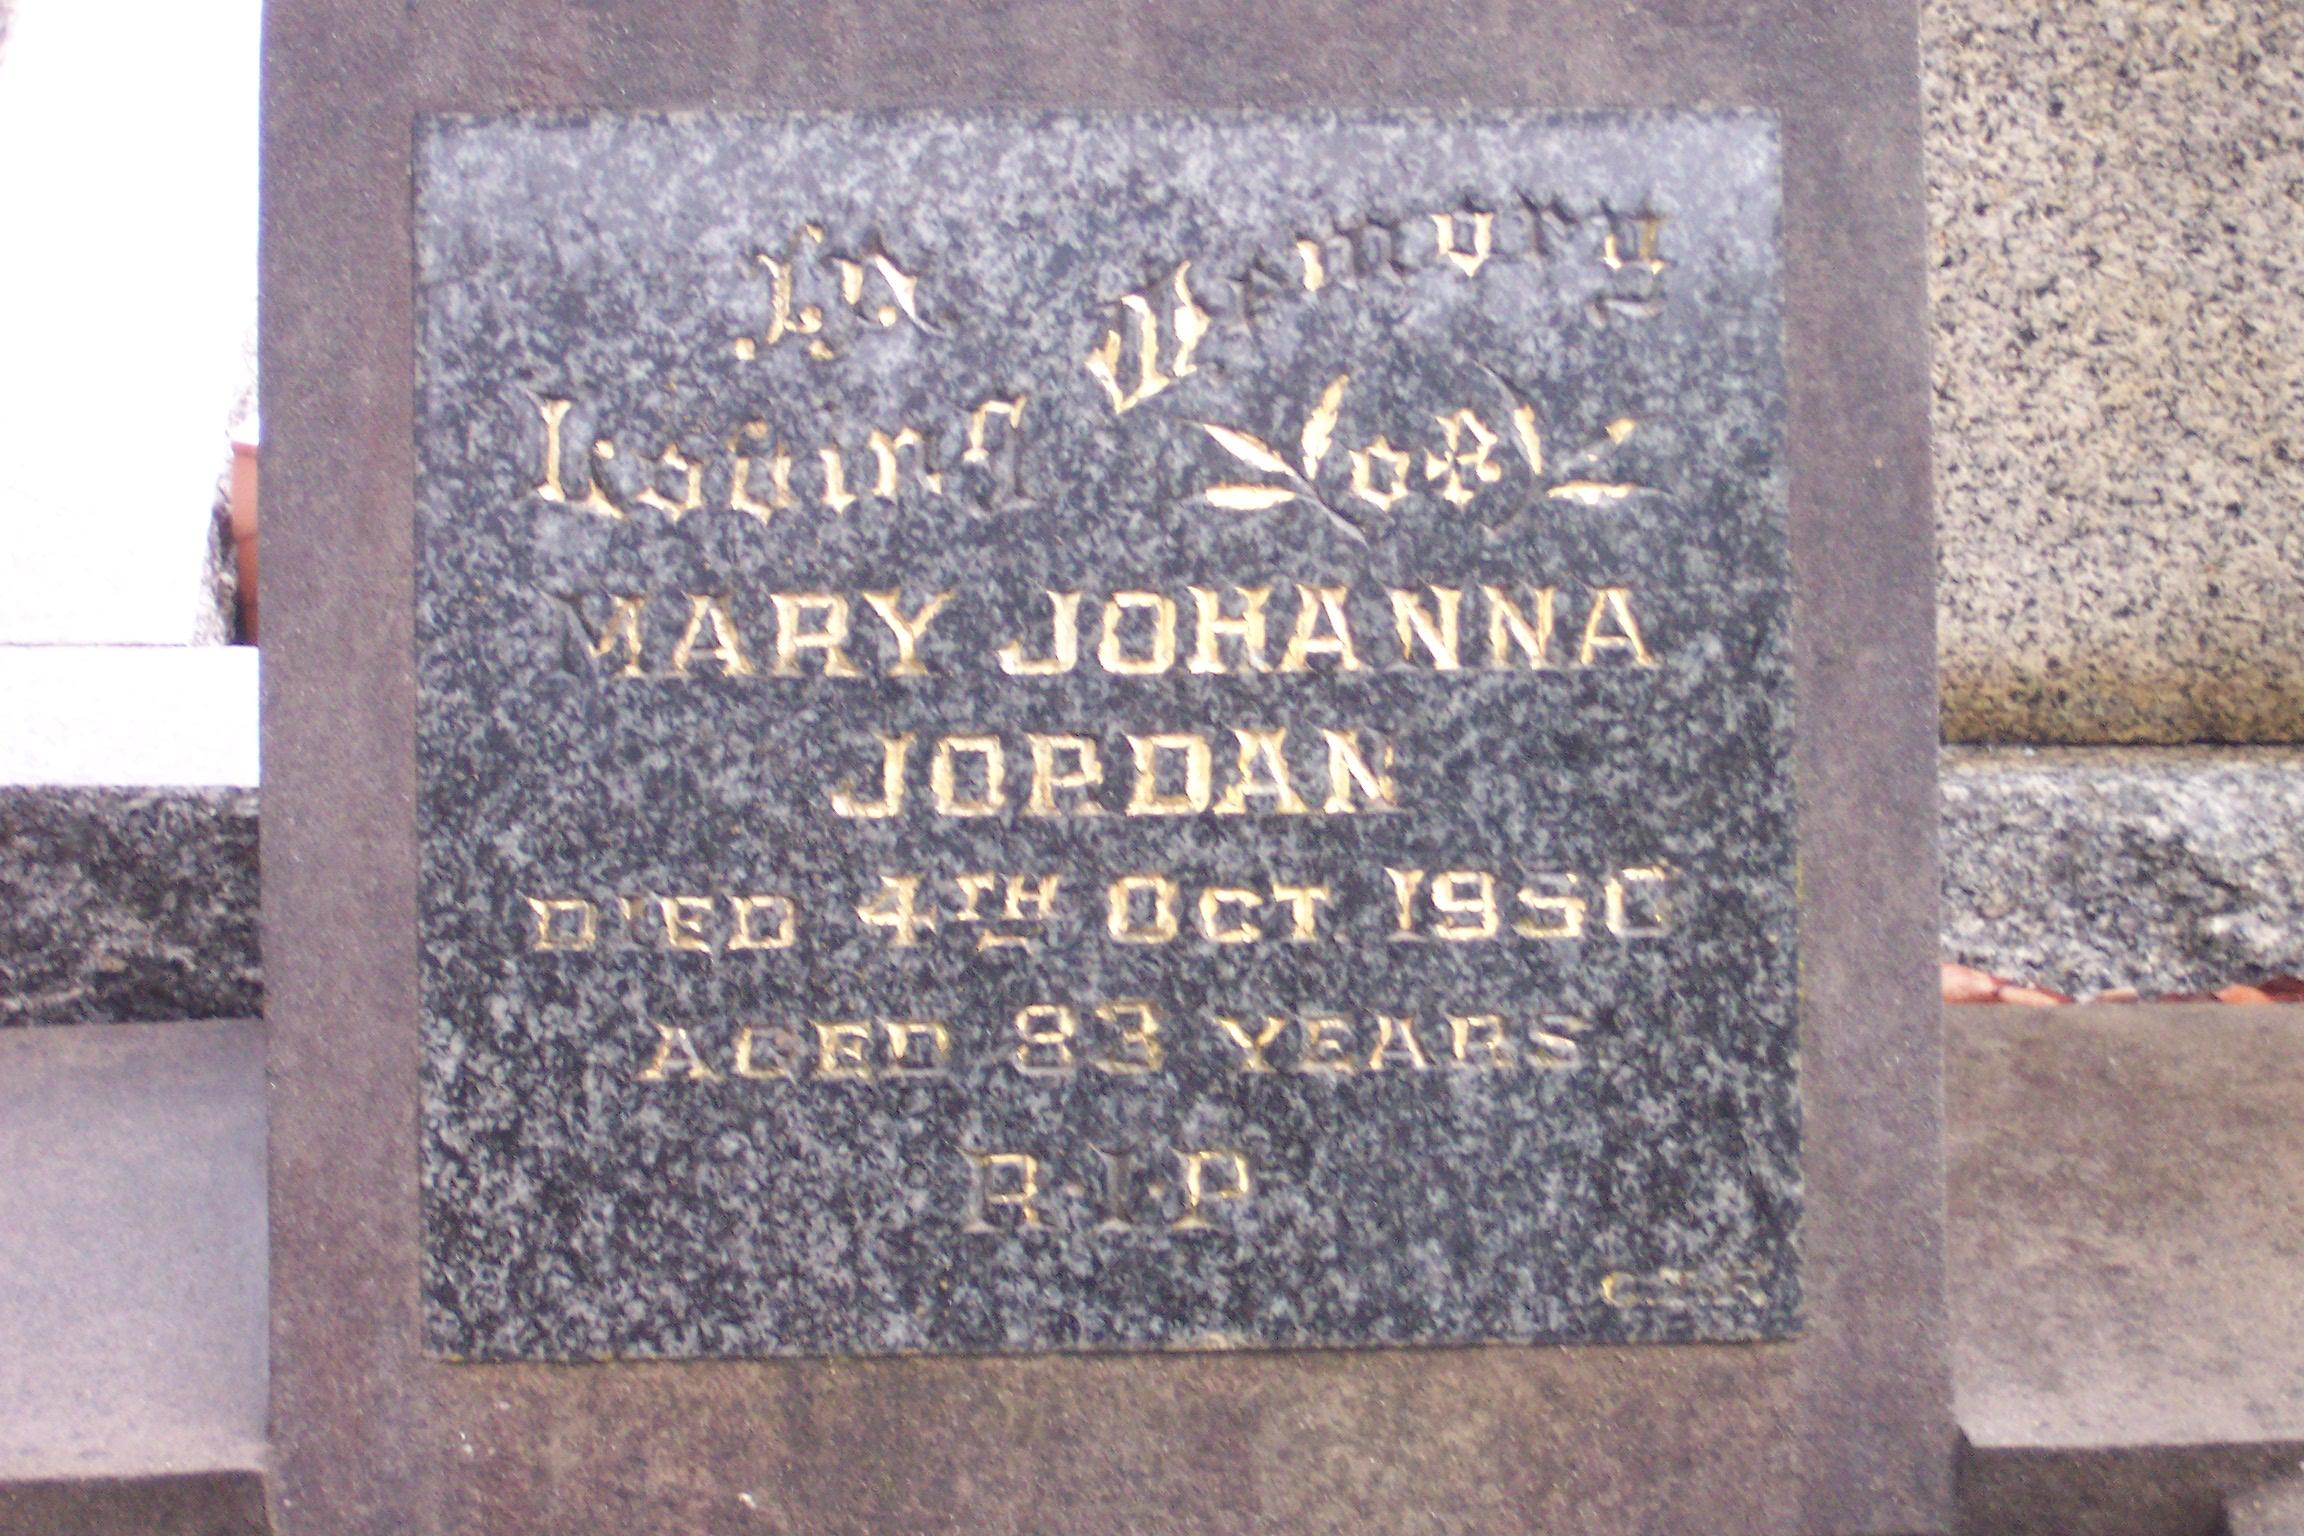 Mary Johanna Donovan